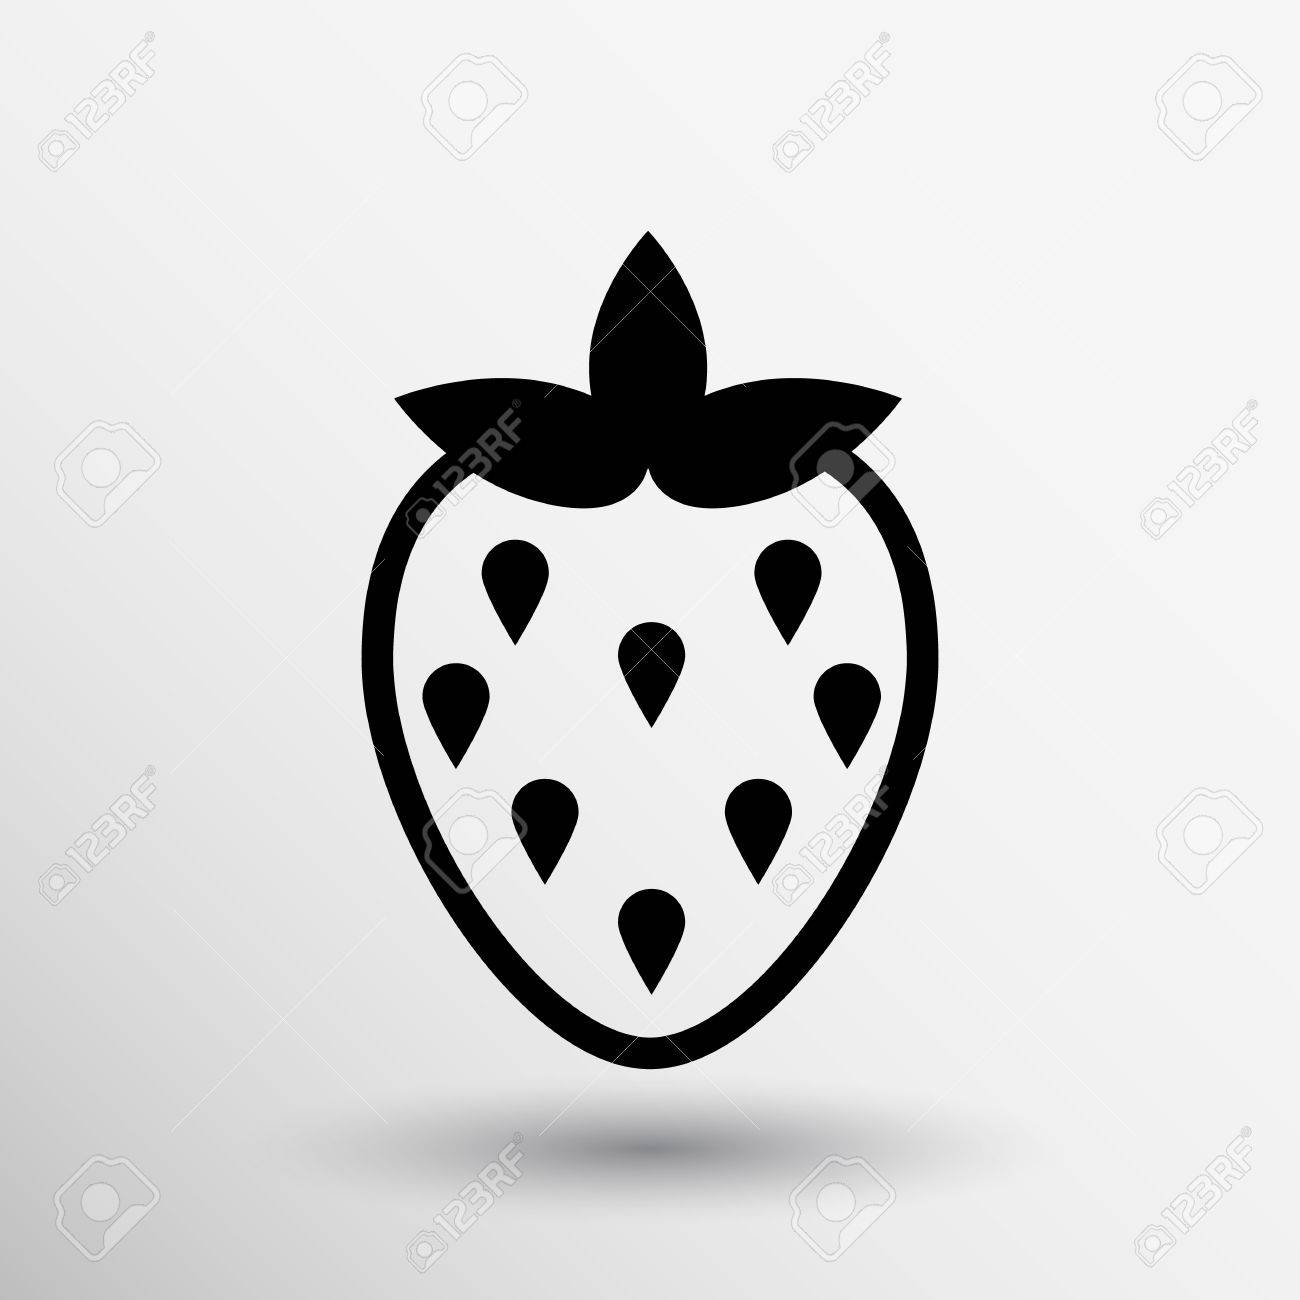 ベクトル イチゴ ロゴ食品の白黒イラストですのイラスト素材ベクタ